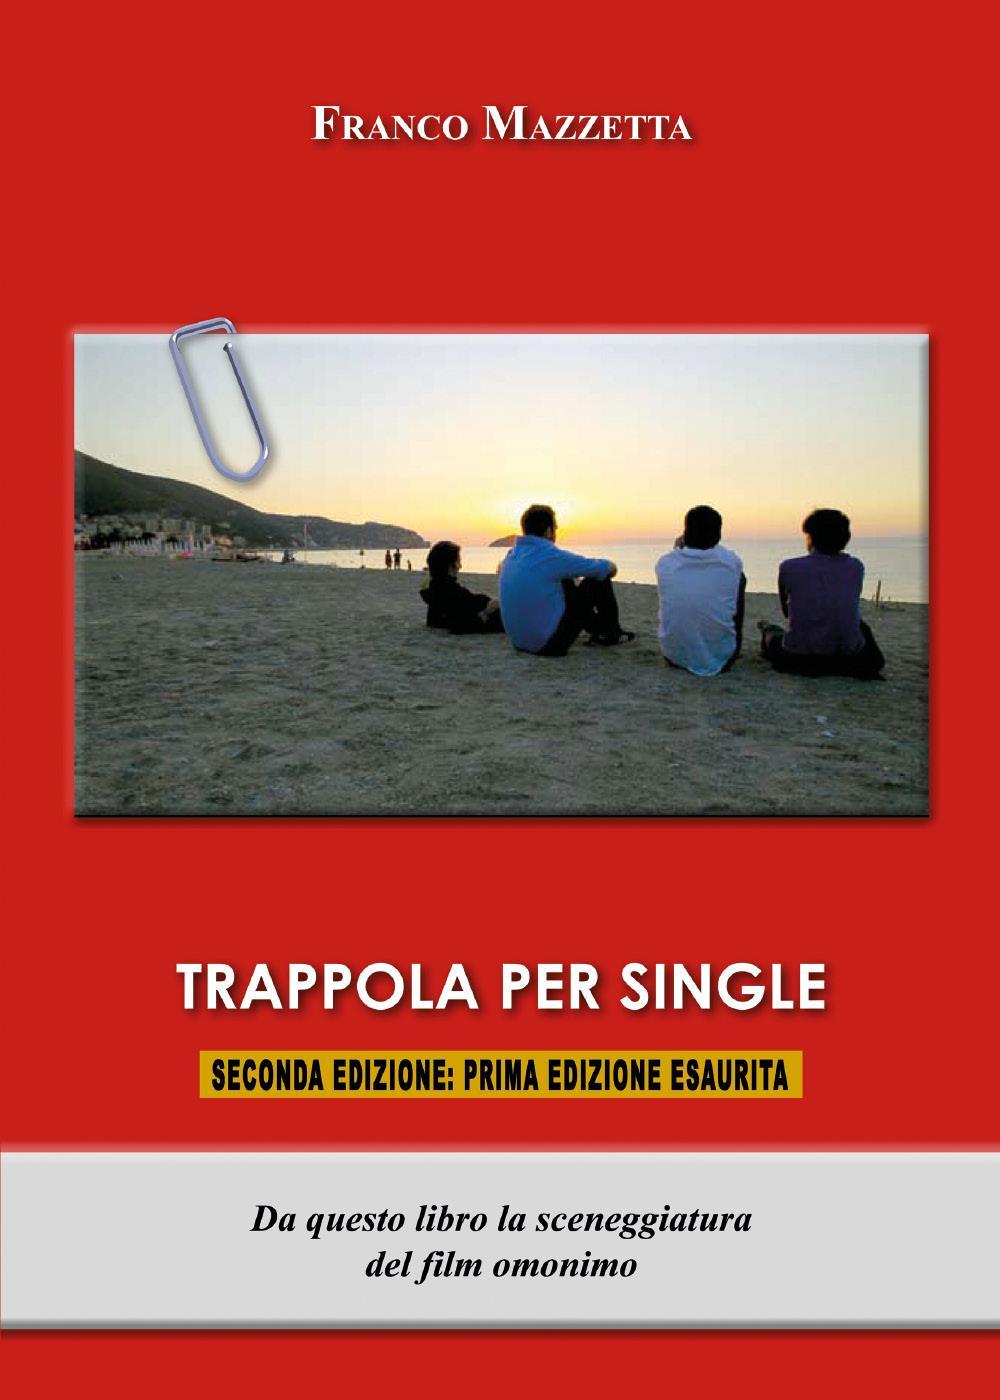 Trappola per single